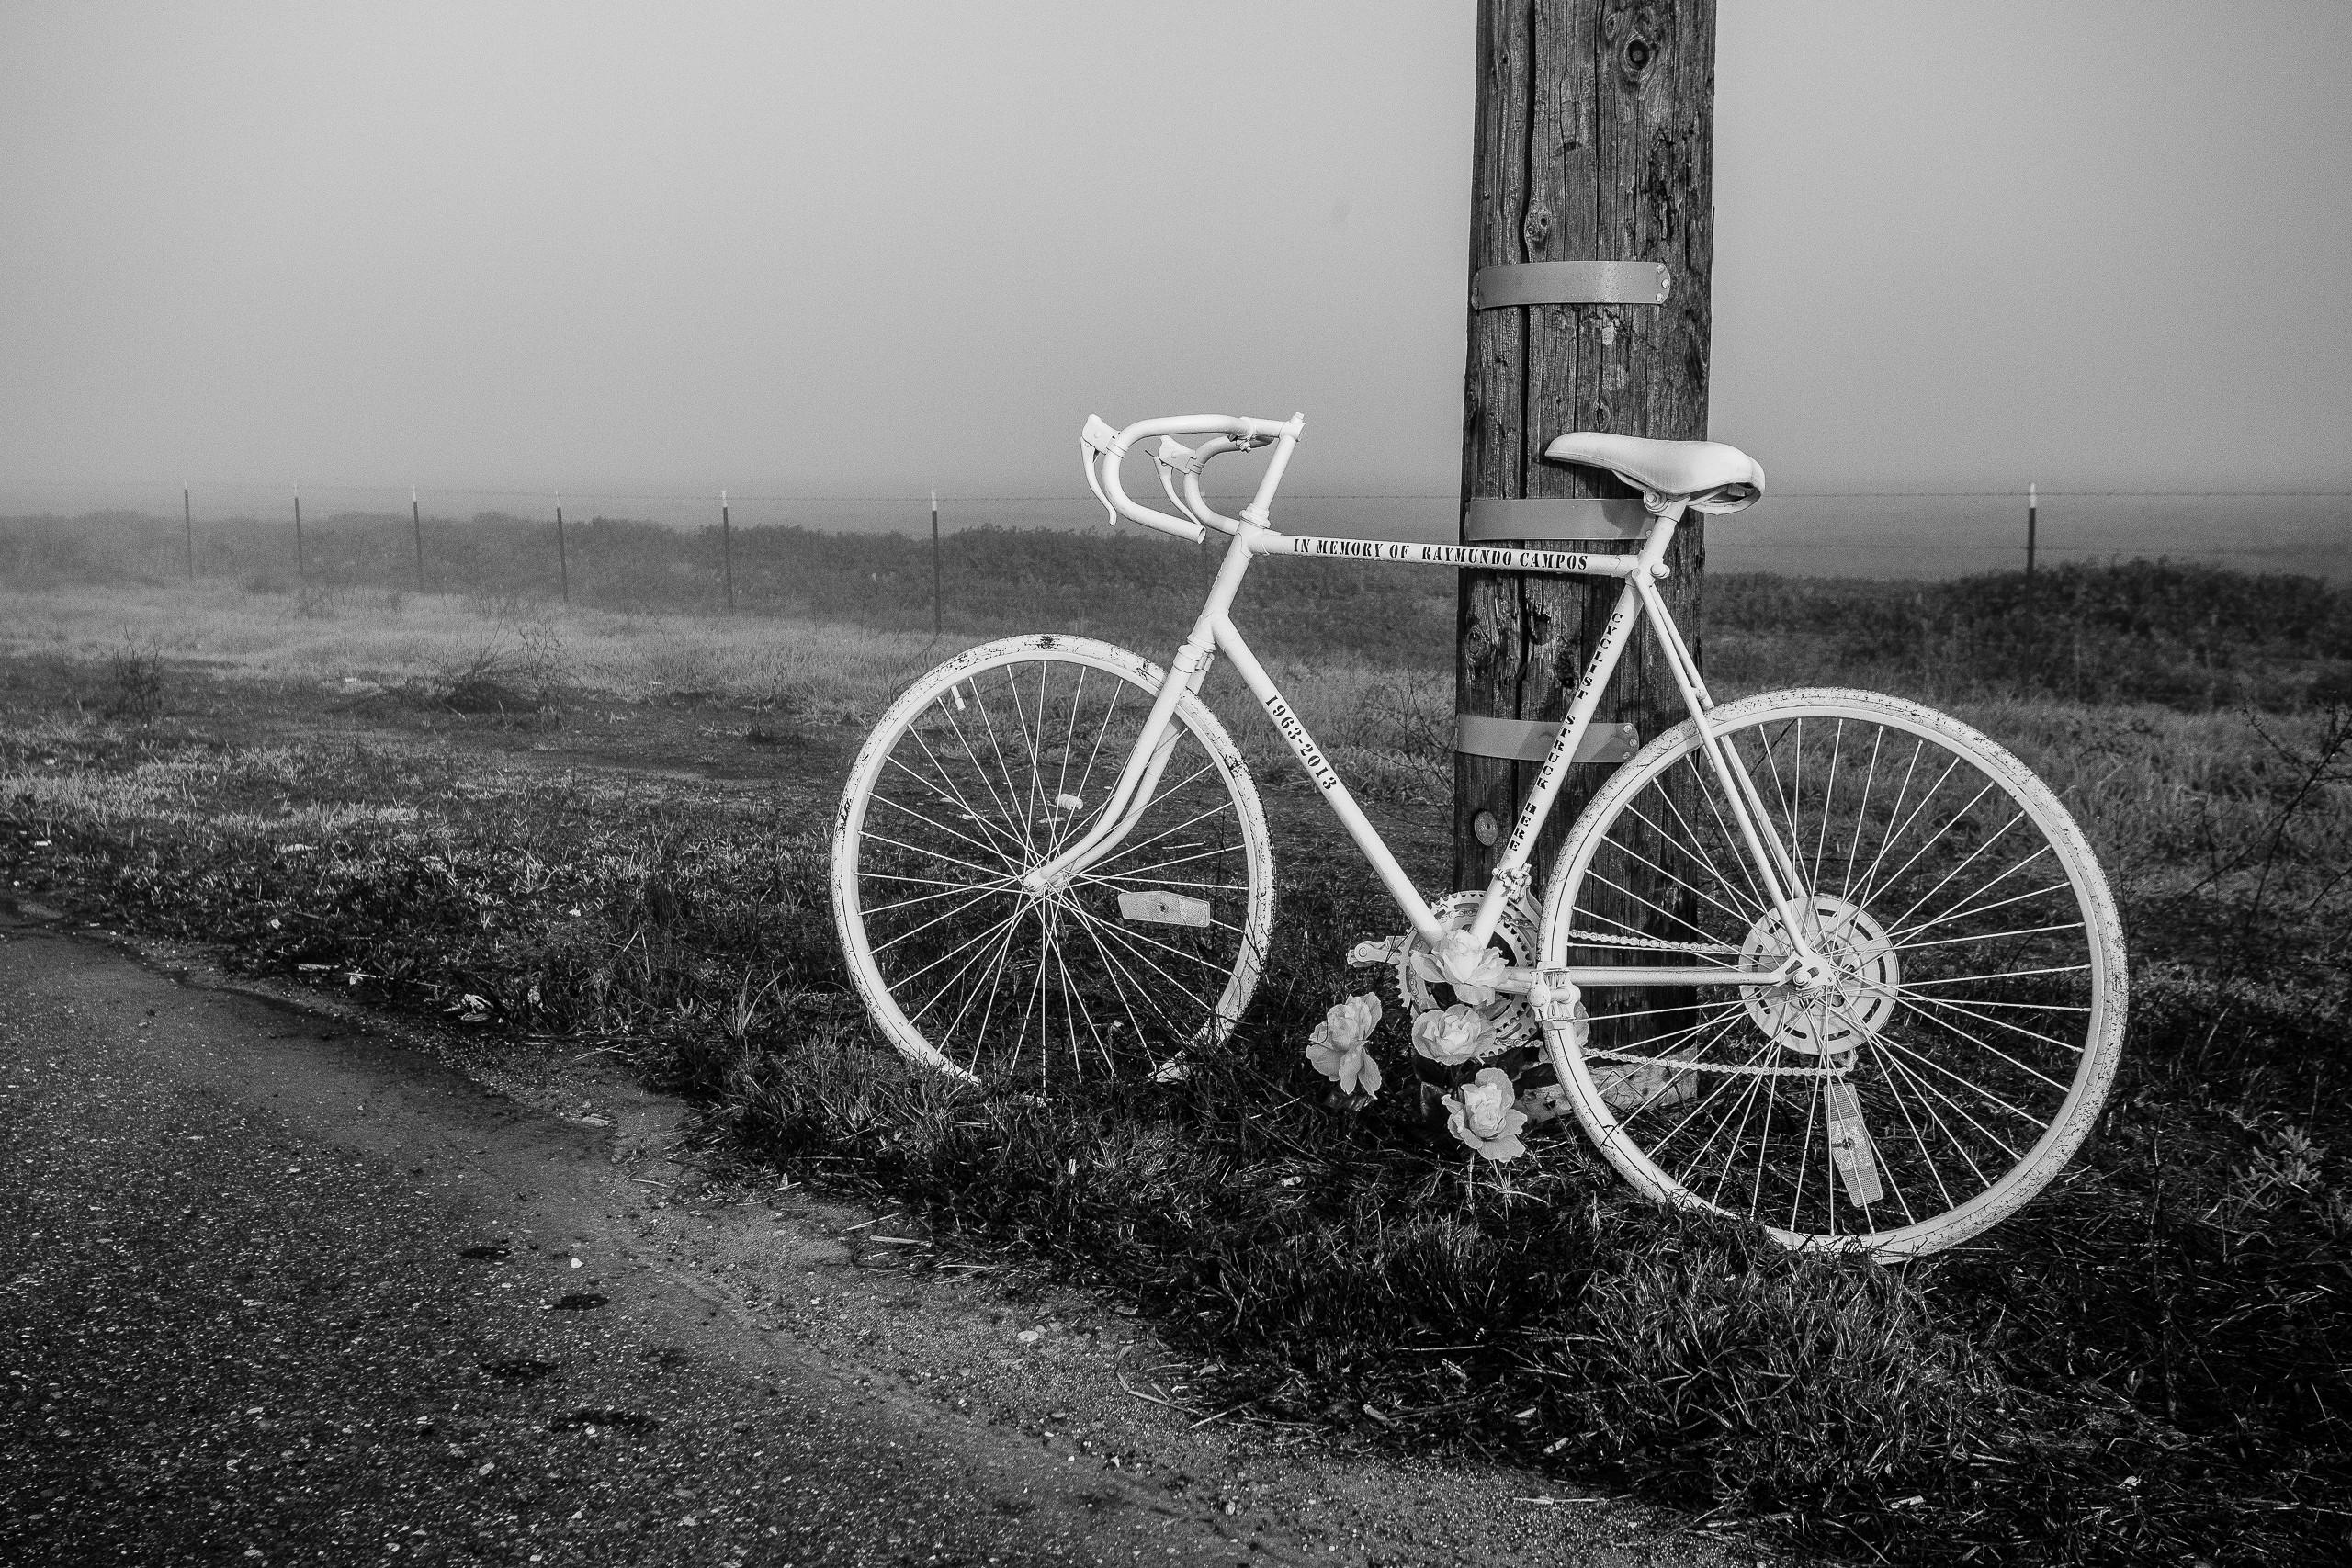 A Ghost Bike